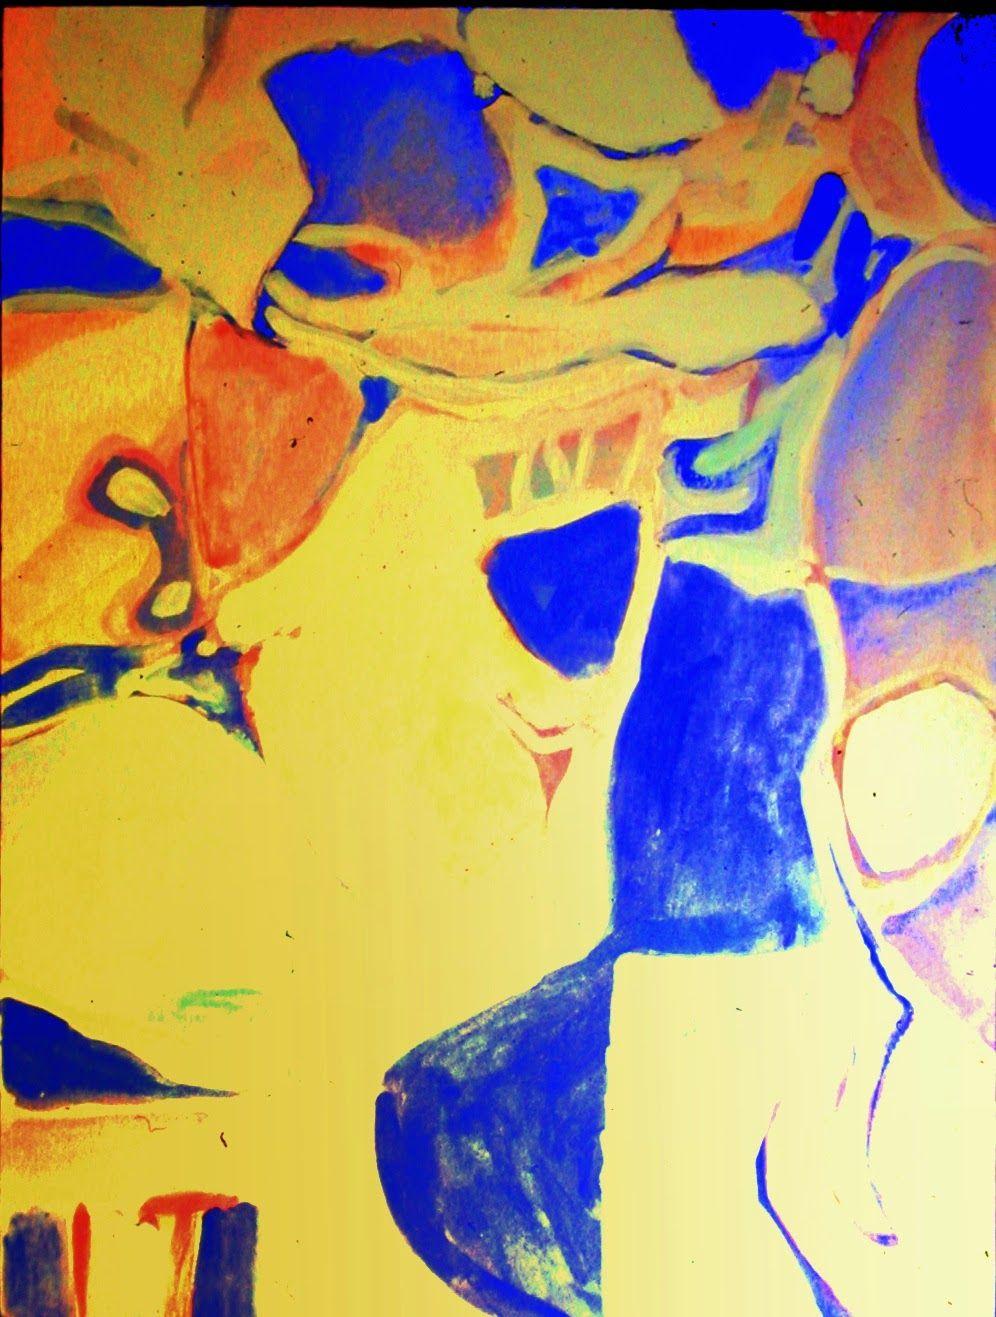 013 watercolor by John Warren Oakes